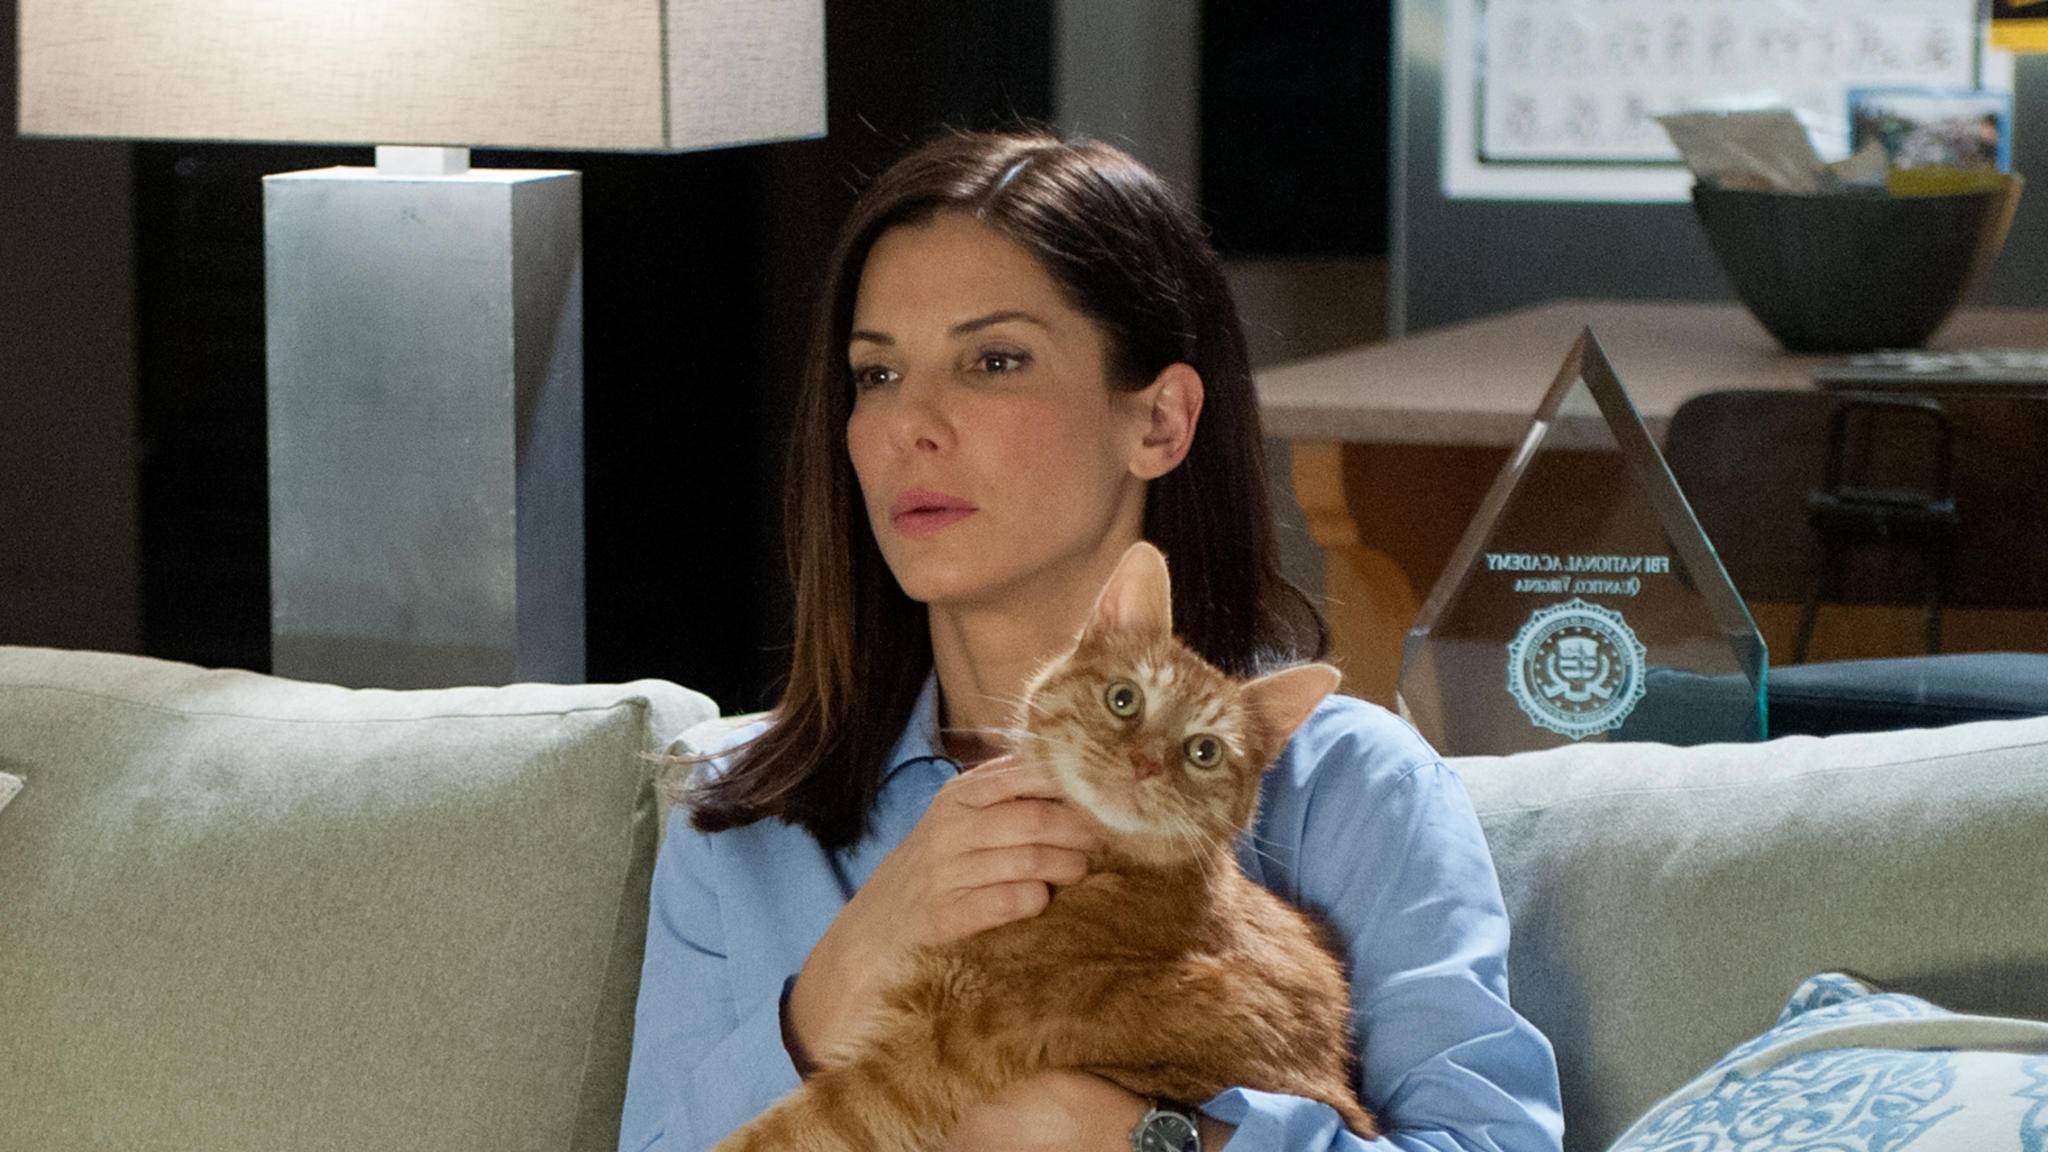 Ein Kätzchen auf dem Schoss bedeutet nicht immer, dass man es mit einem Bösewicht zu tun hat.